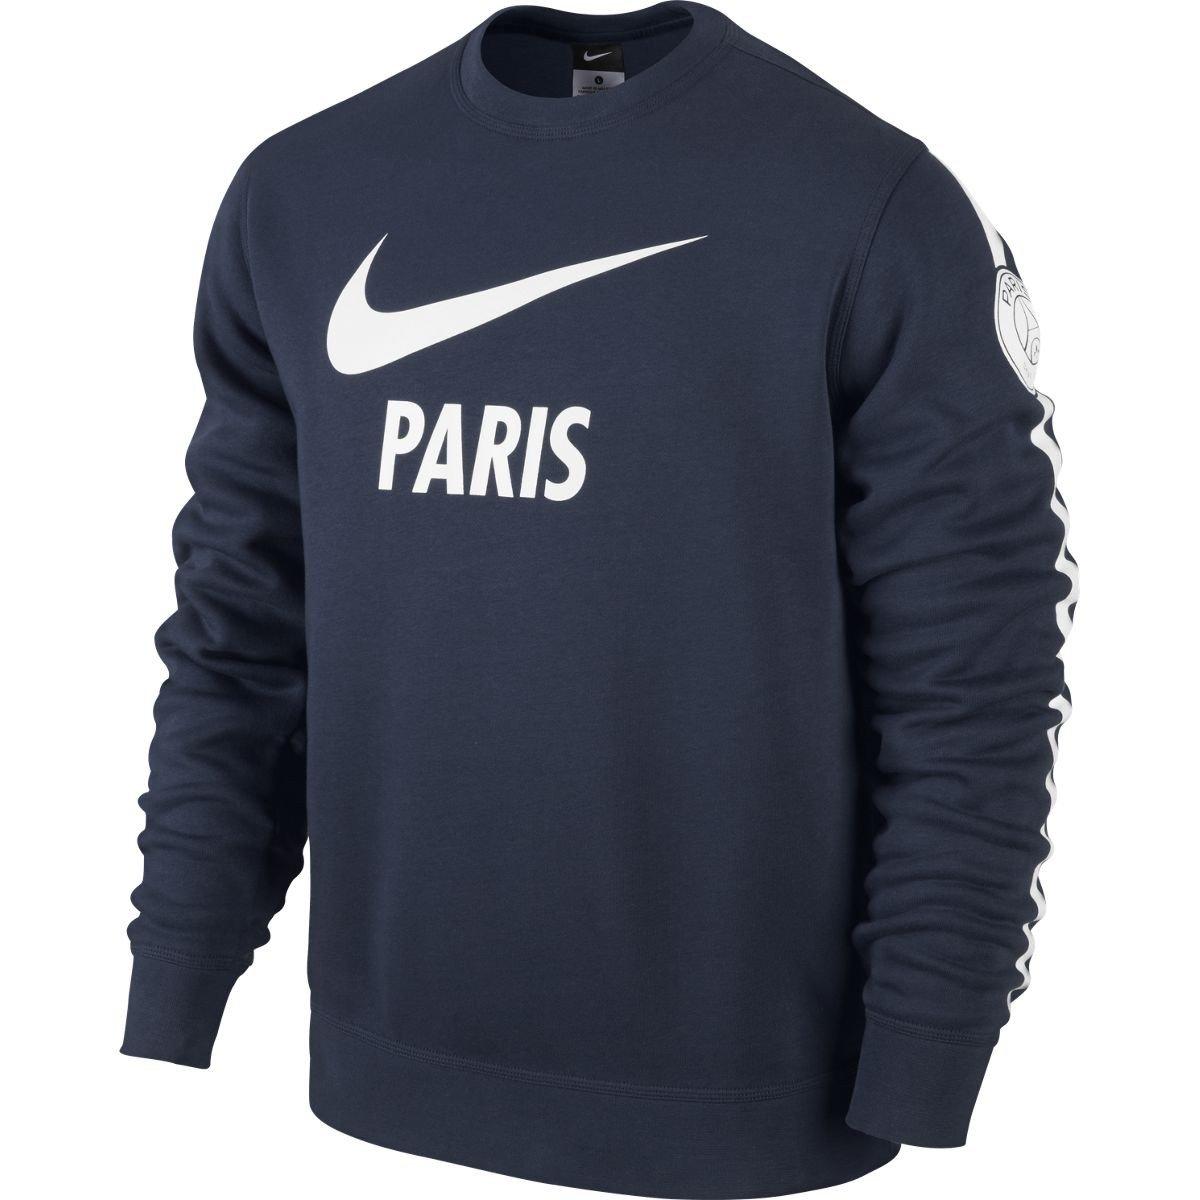 Nike Pullover Club PSG Paris Saint-Germain Long Sleeve Crew - Sudadera para Hombre: Amazon.es: Zapatos y complementos